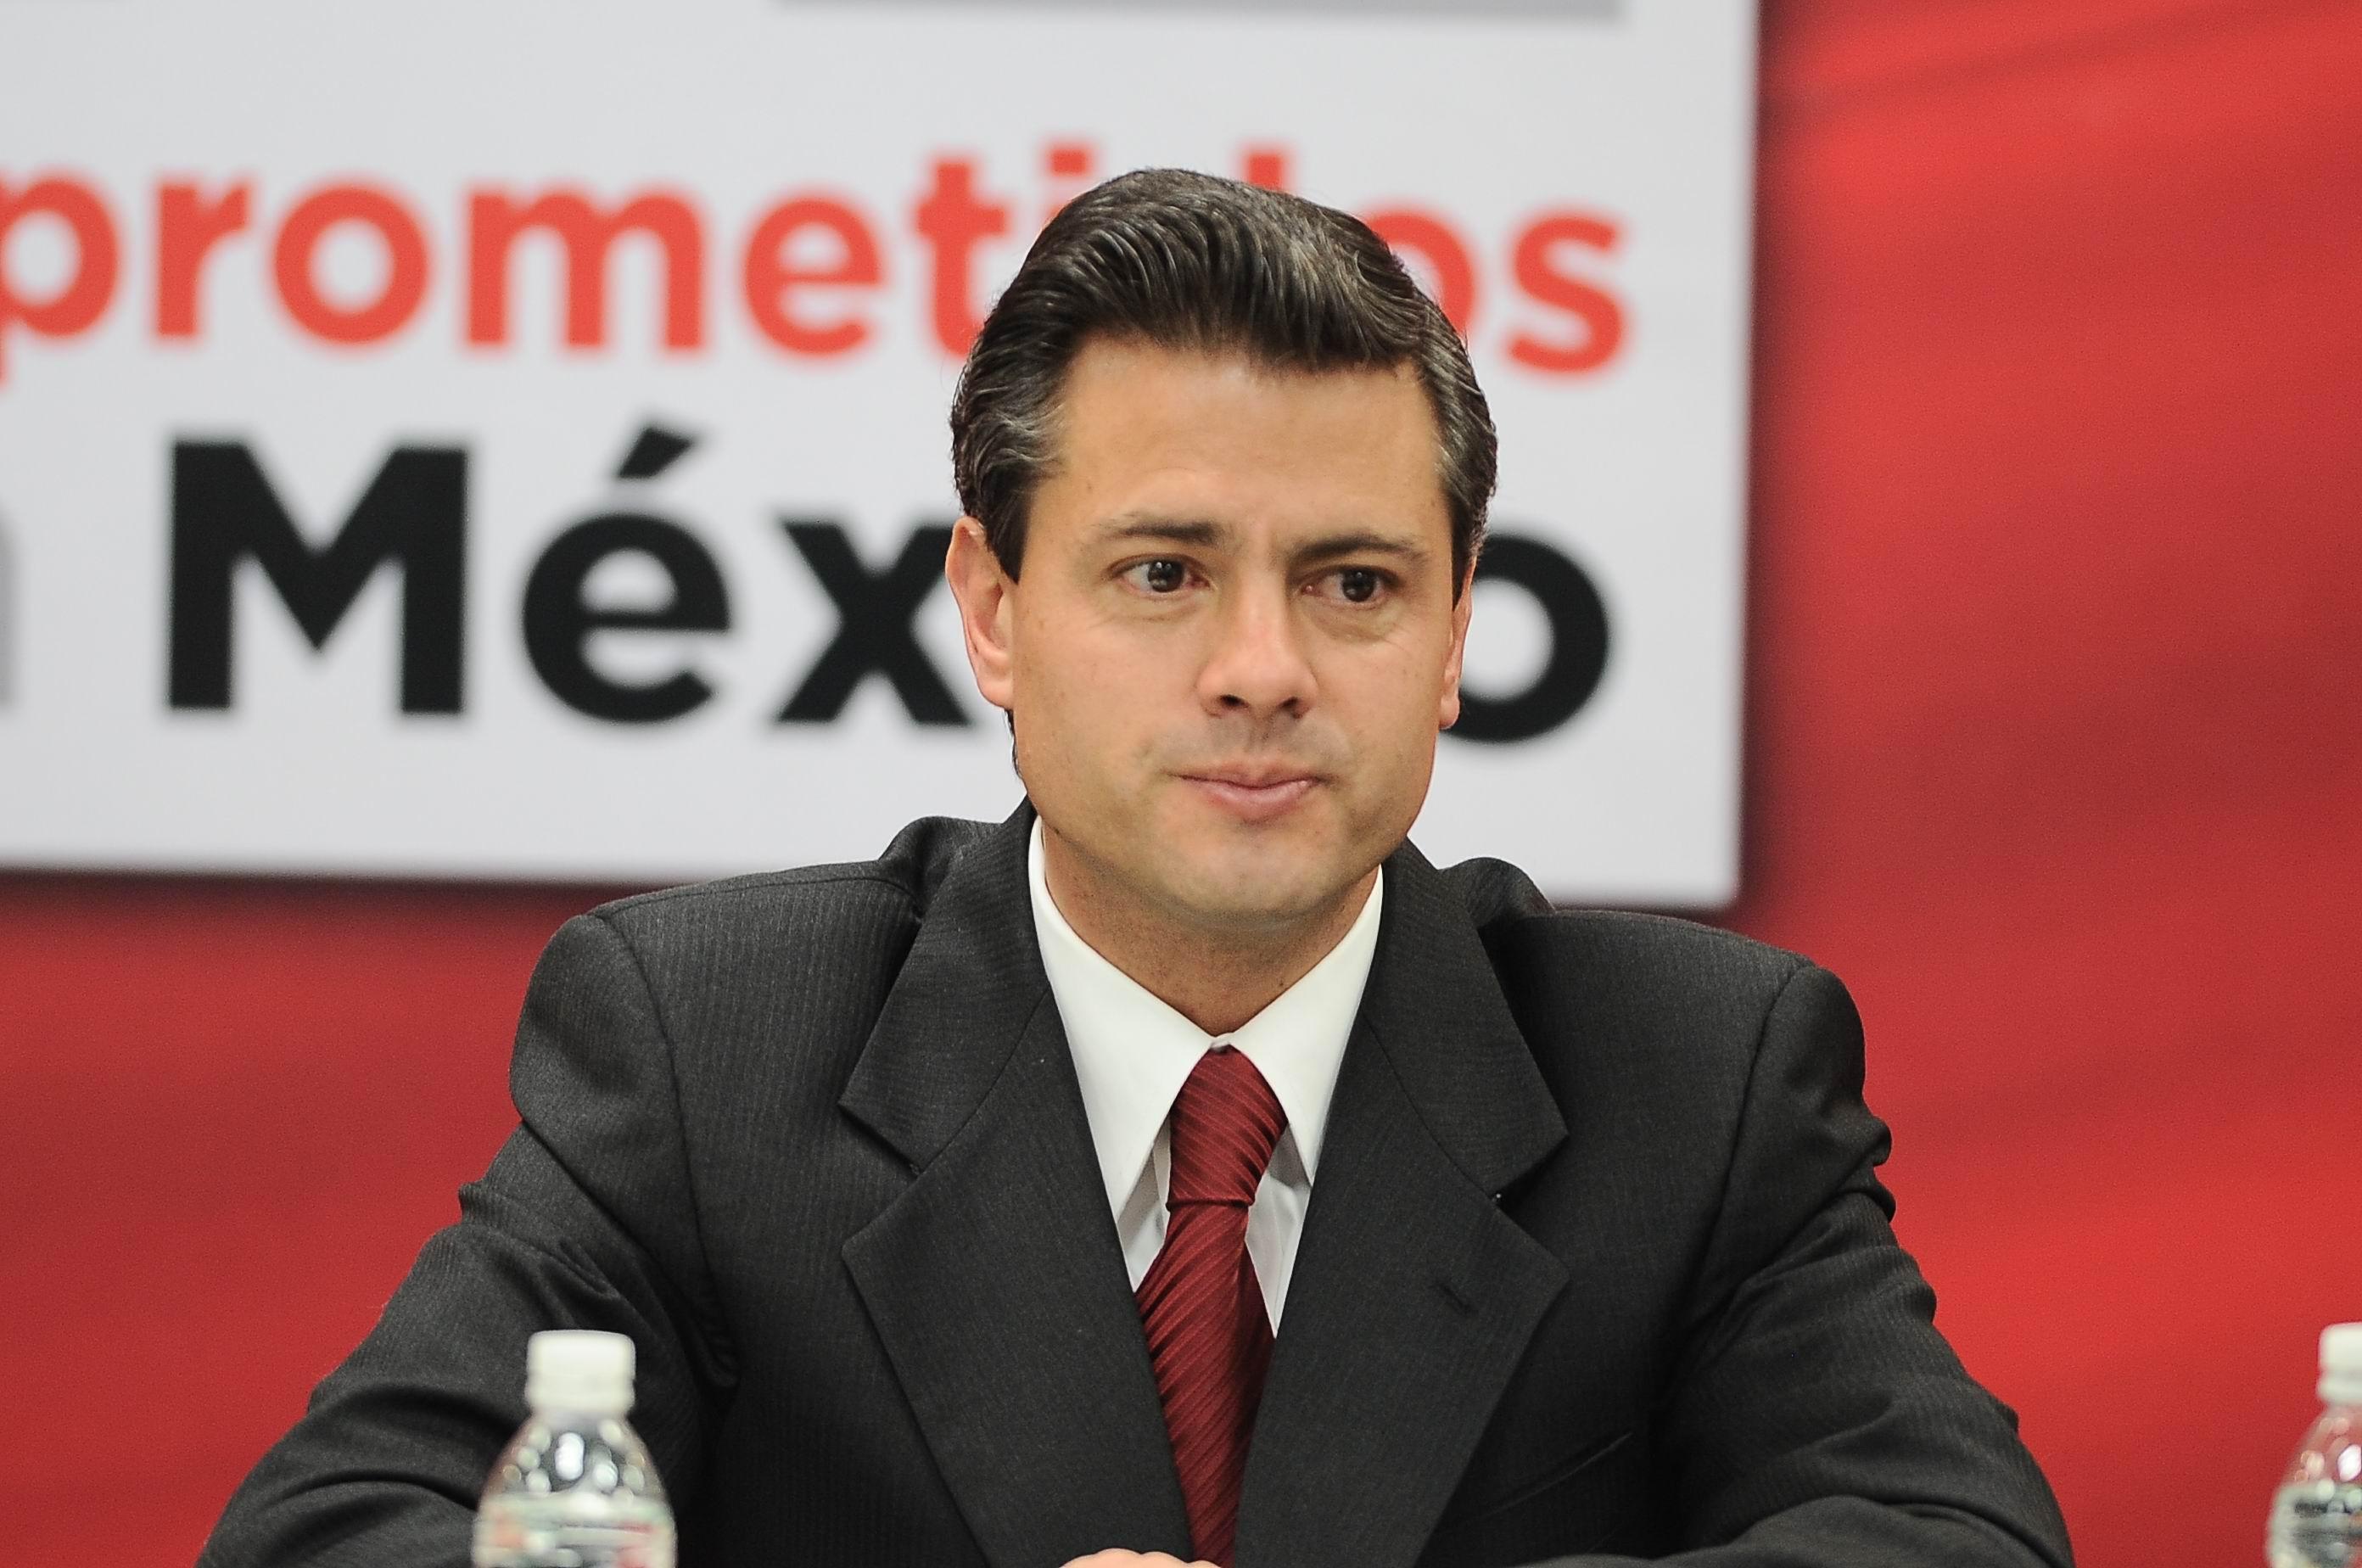 Grupo de mexicanos en EEUU pide ante un consulado renuncia de Peña Nieto